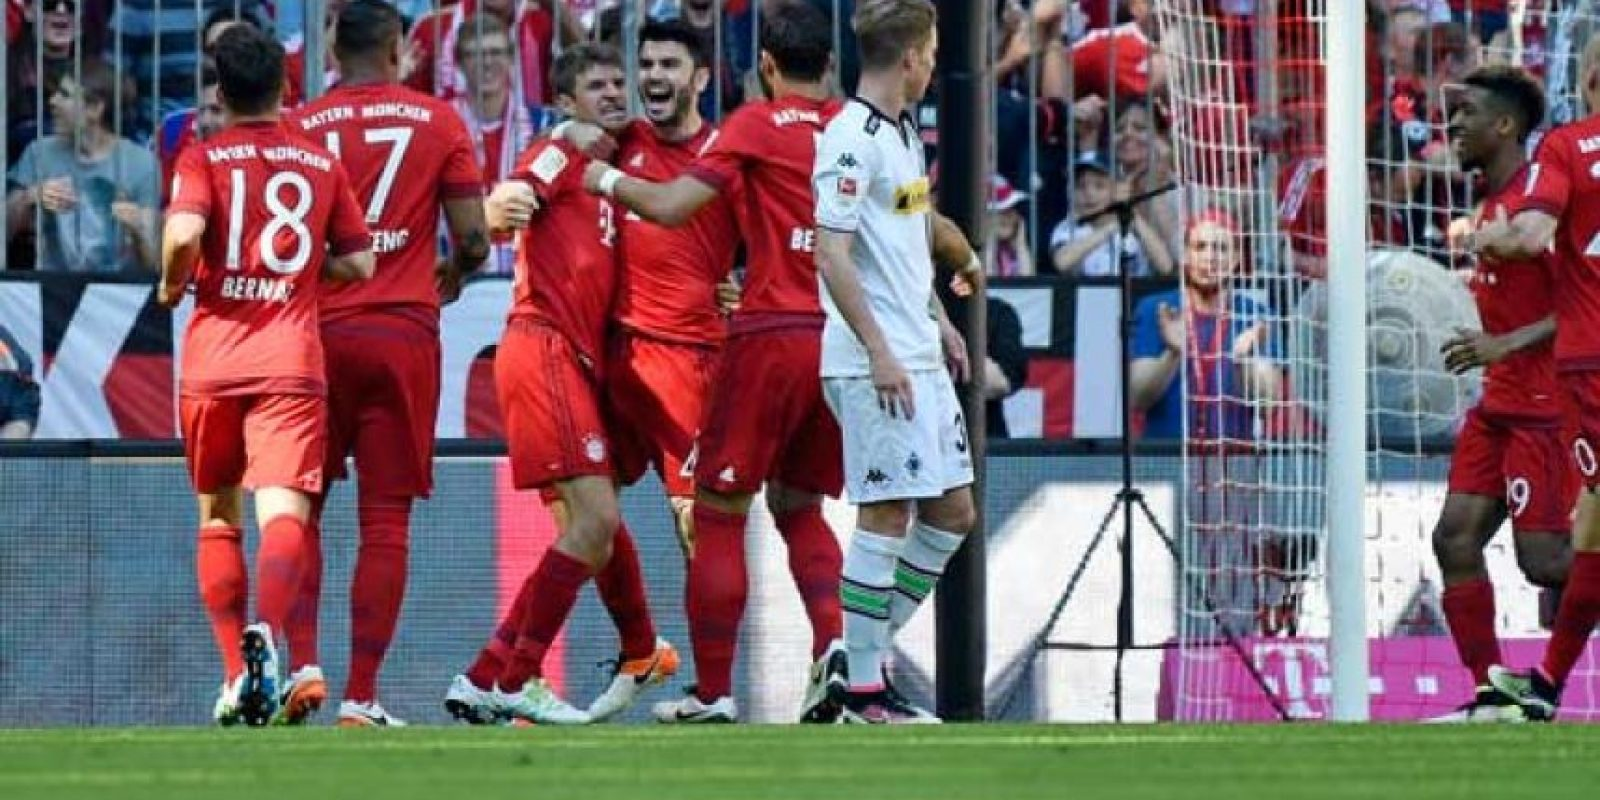 En la Bundesliga son líderes con 82 puntos, cinco más que el Borussia Dortmund. Foto:Getty Images